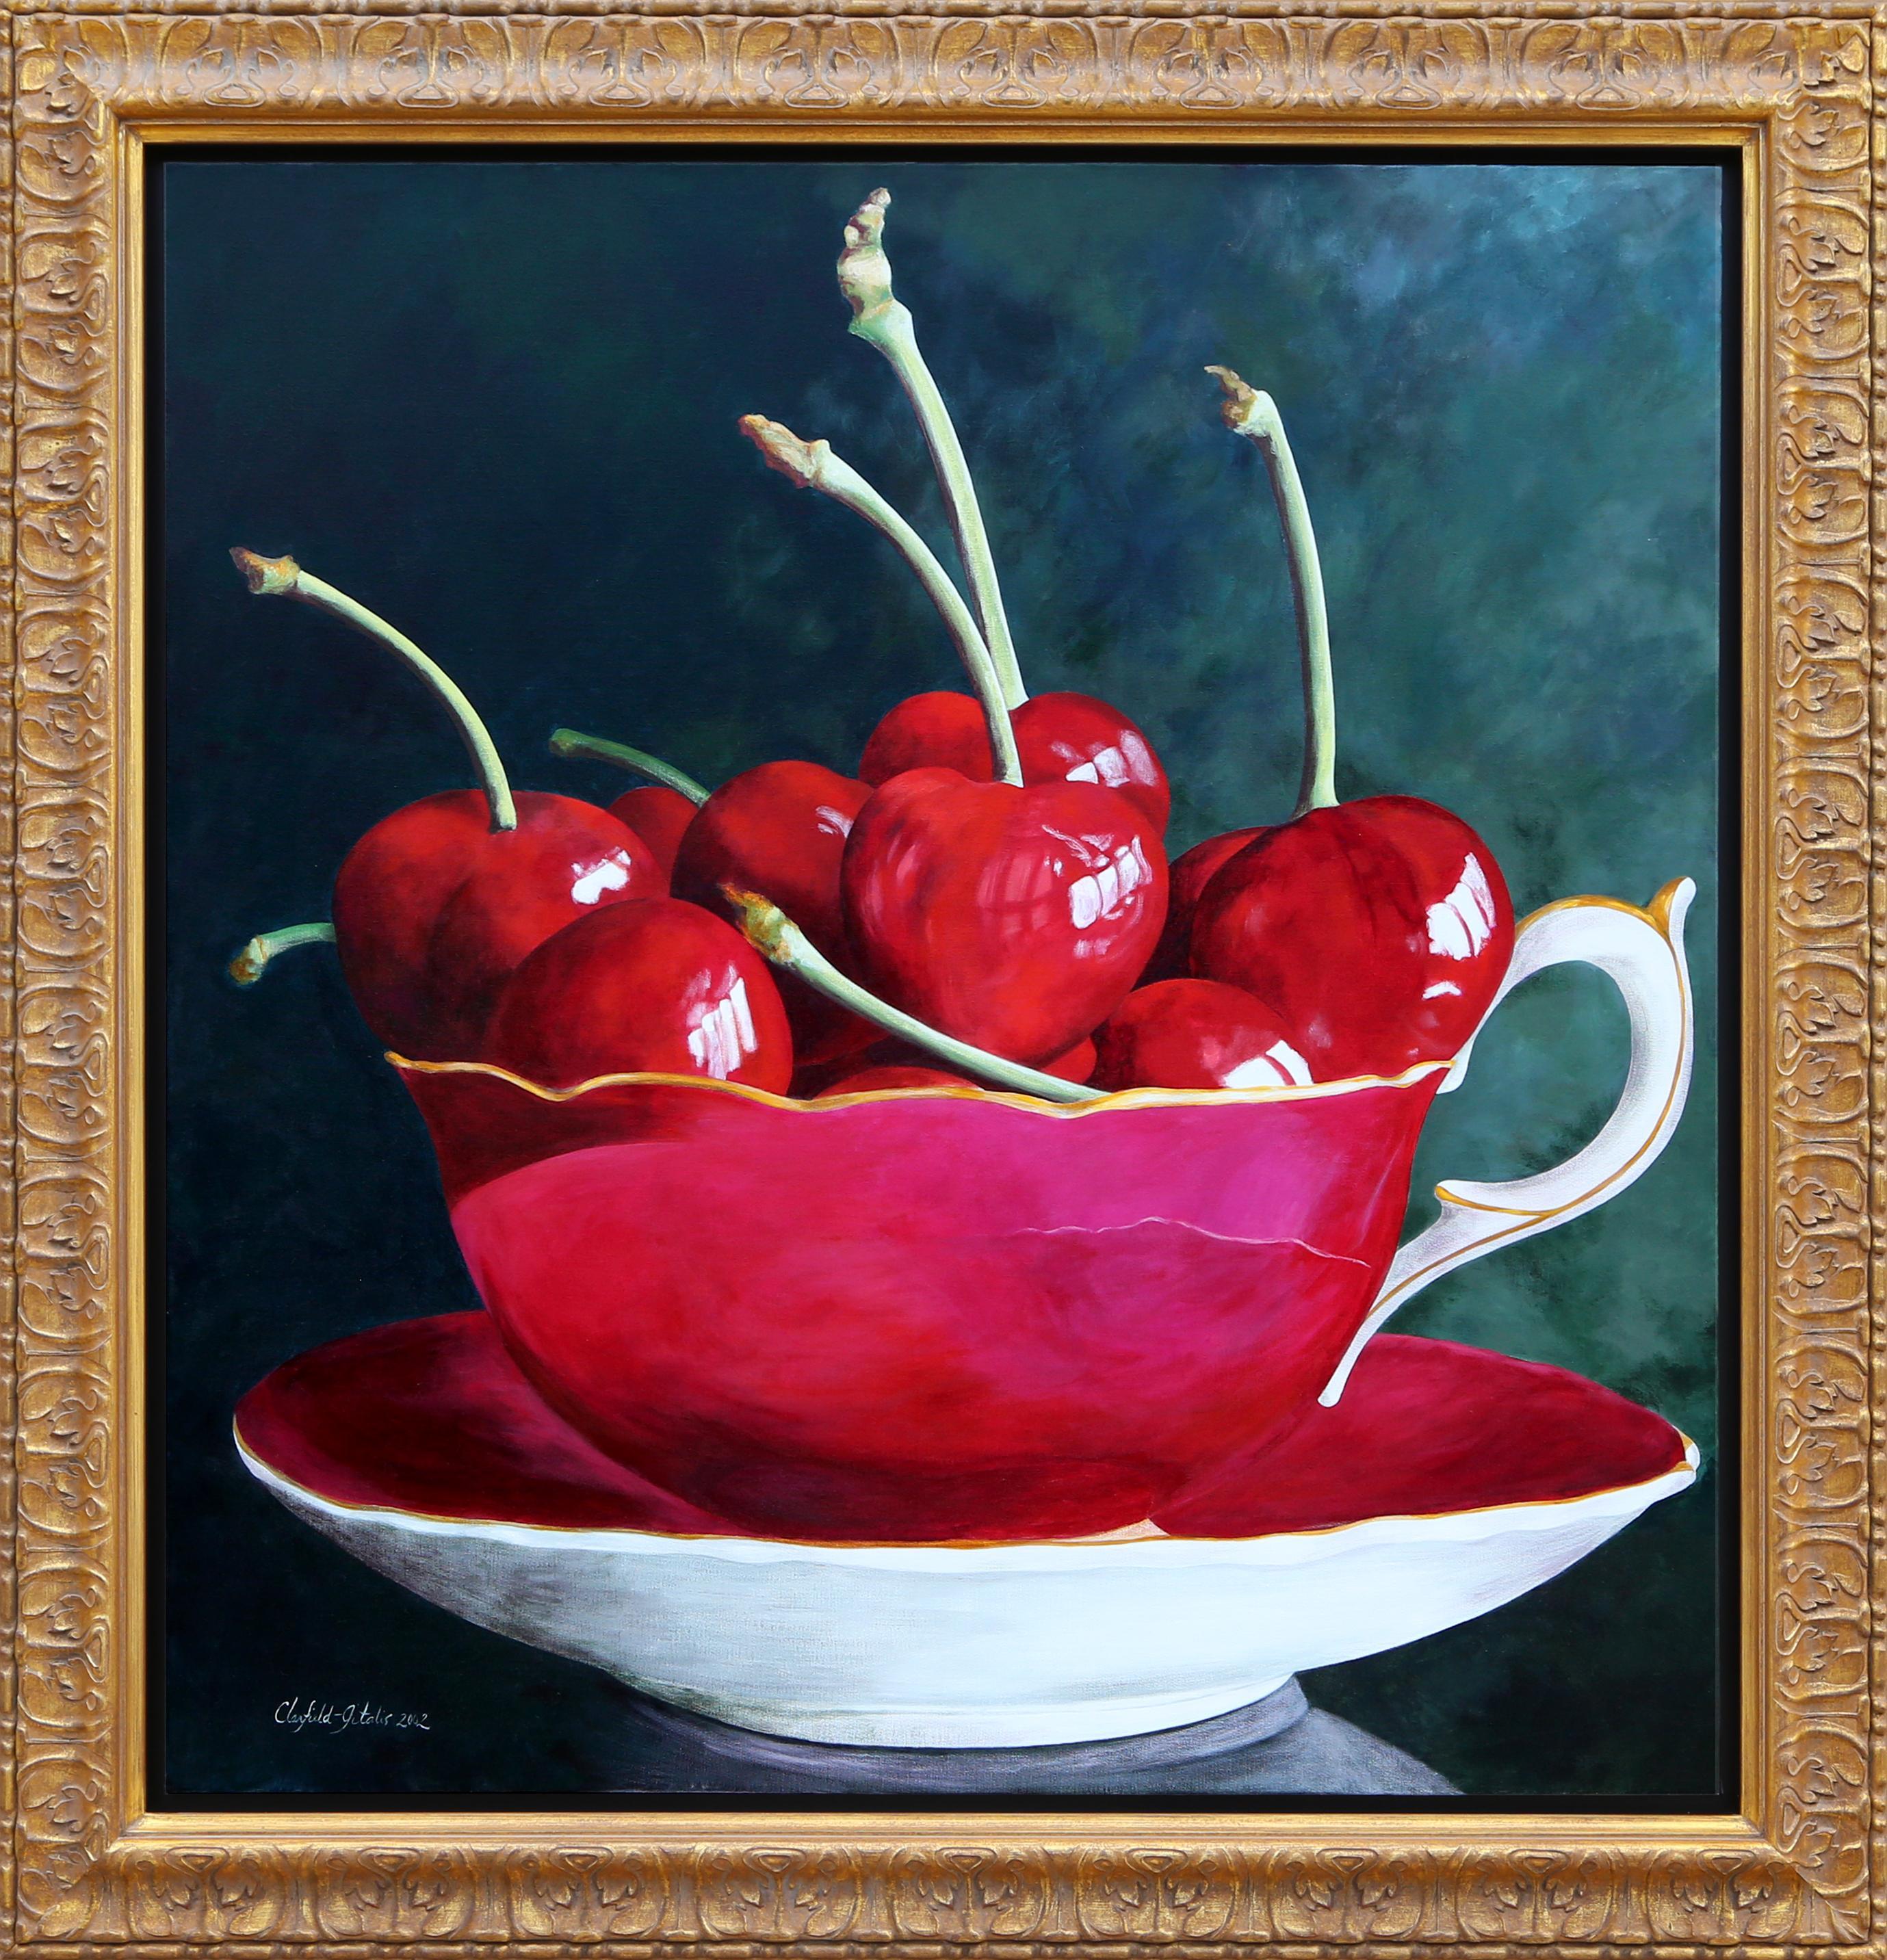 Cherries in a Teacup